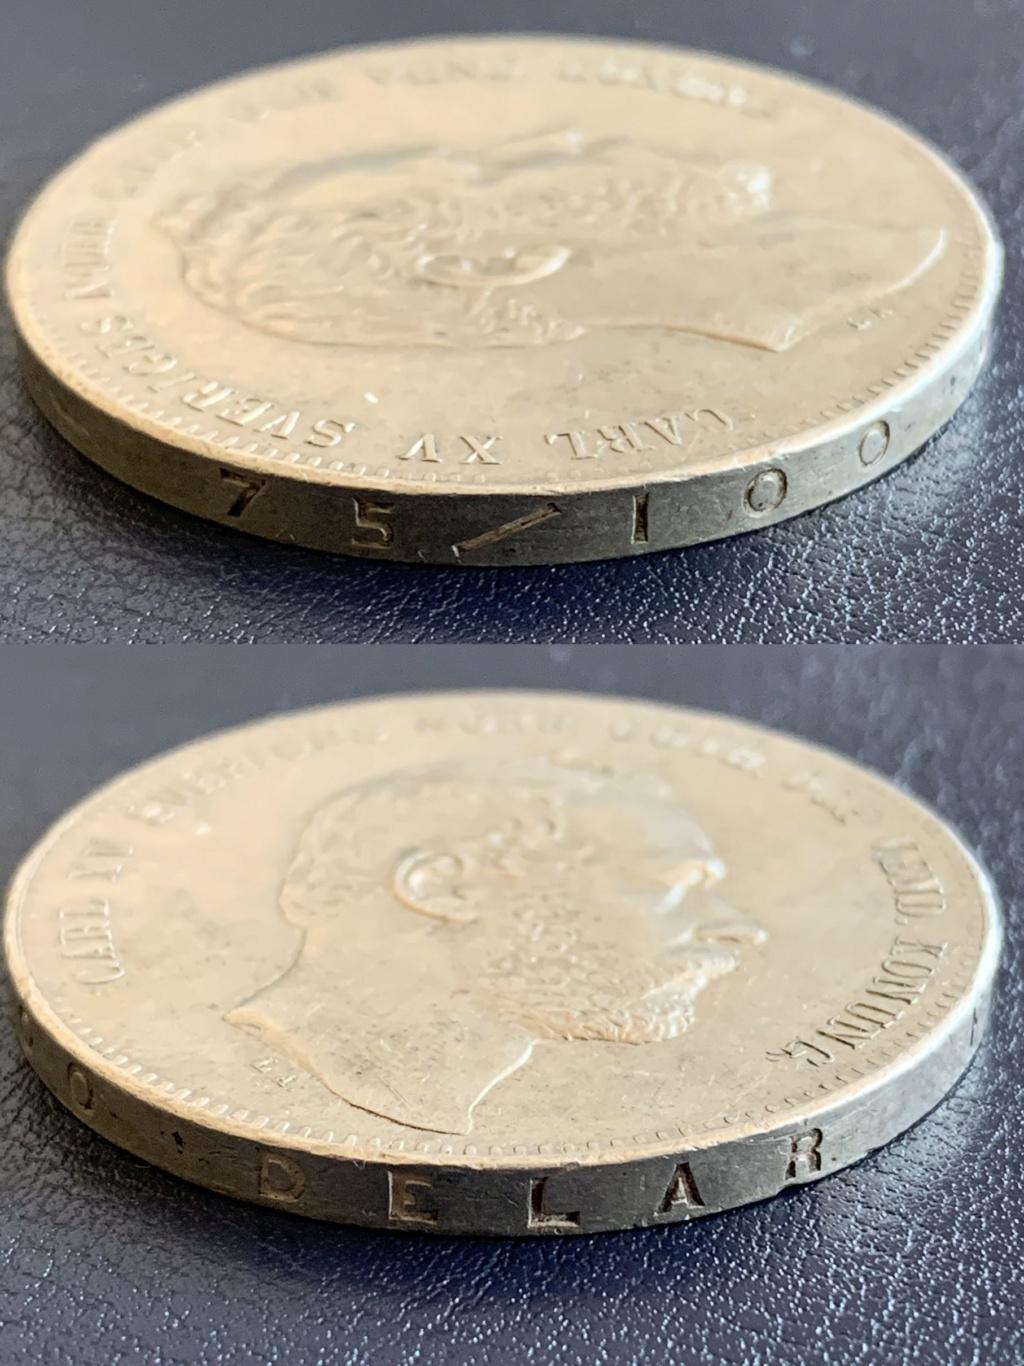 4 Riksdáler Riksmynt 1863. Suecia Riksda11